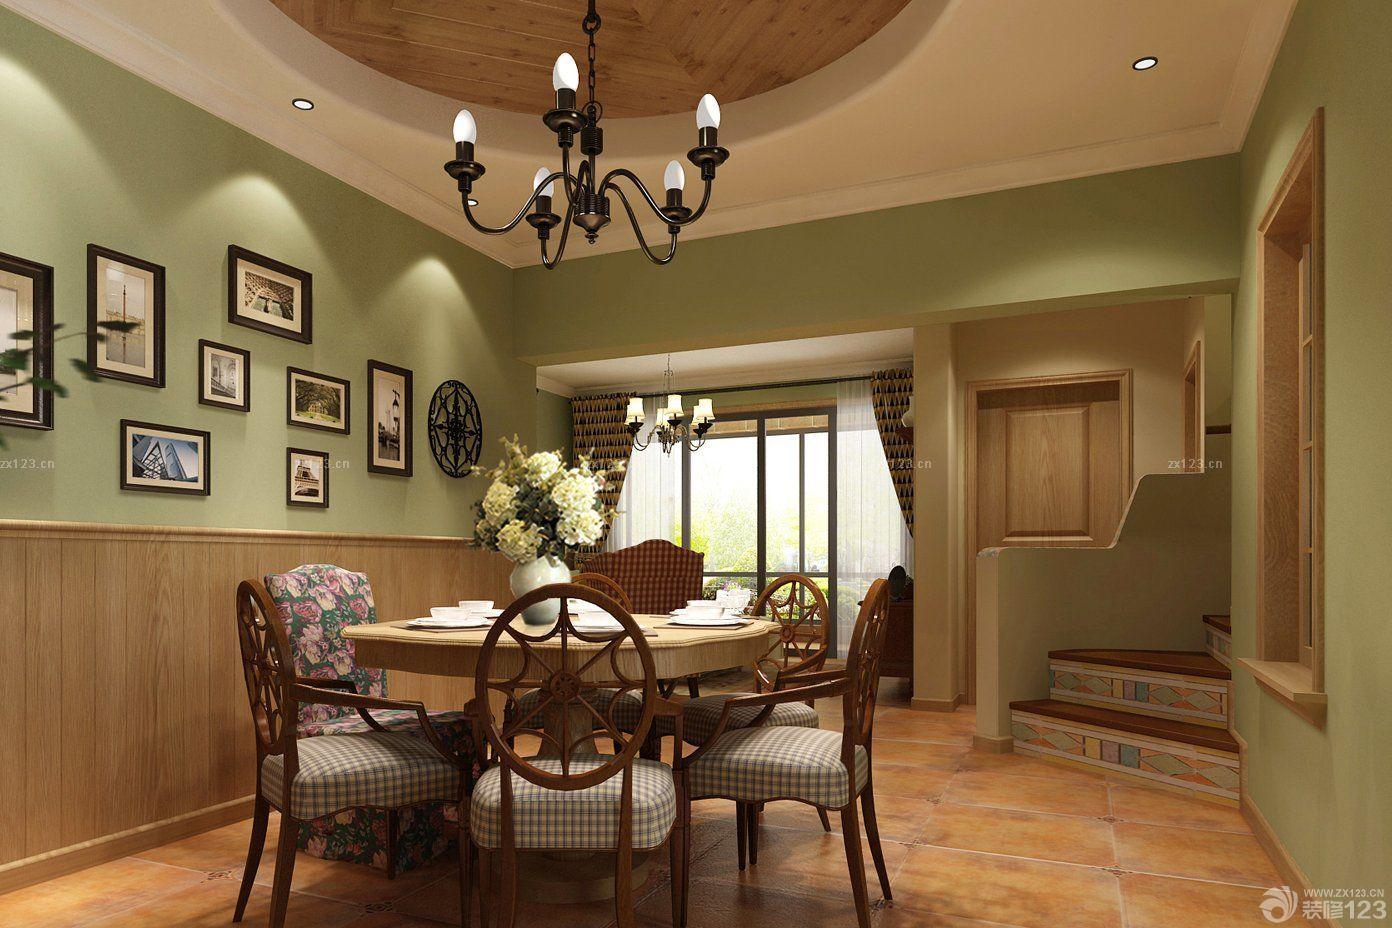 60平米小户型家装餐厅装修效果图